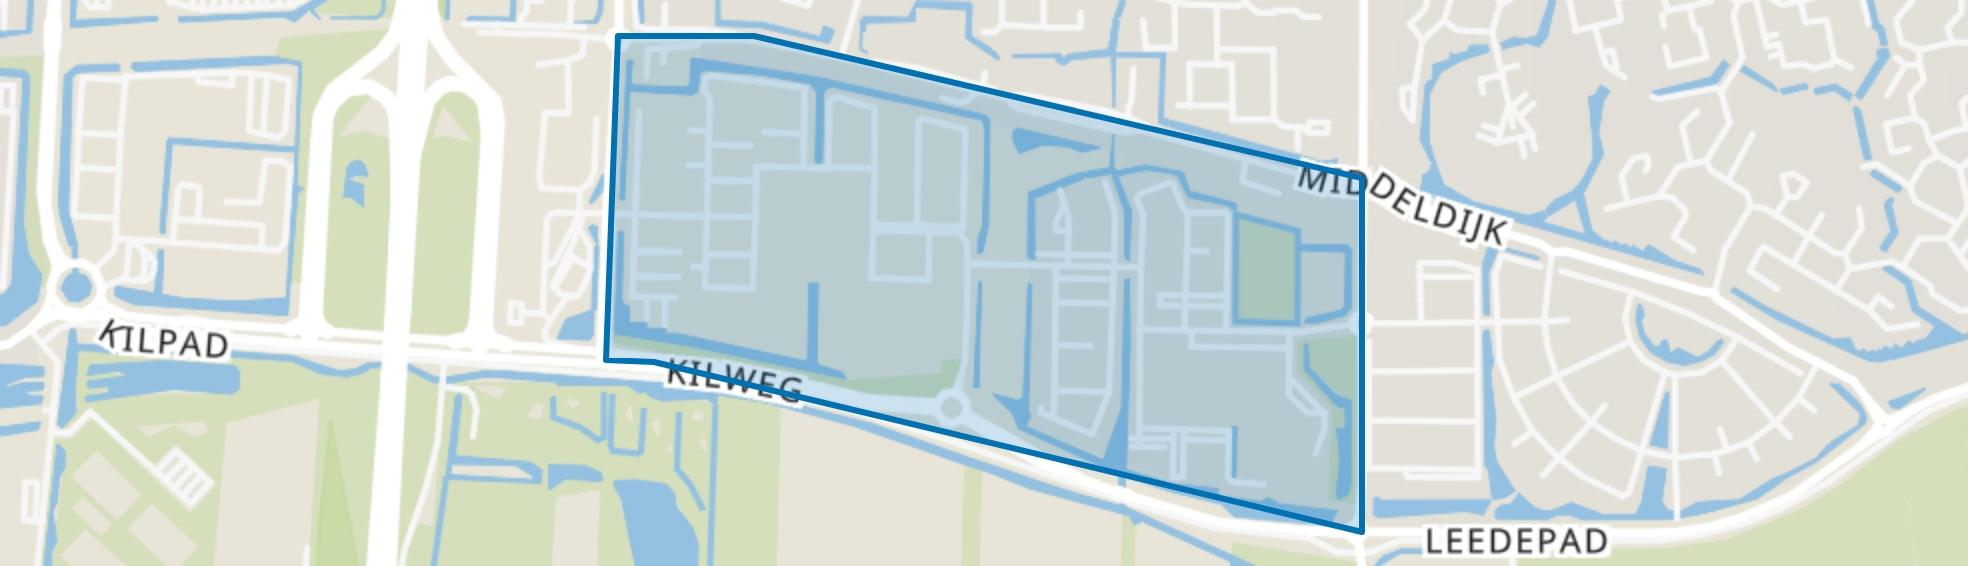 Kilweg, Barendrecht map